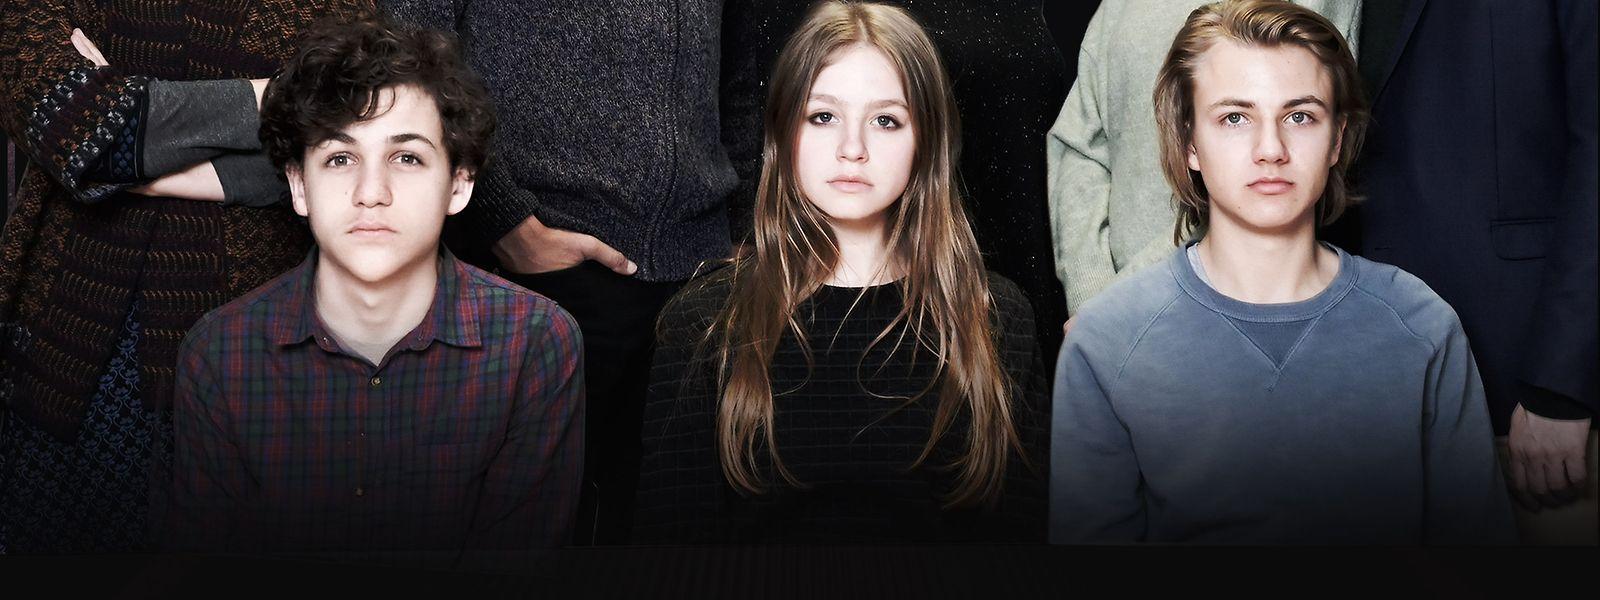 Die Kinder von links: Jakob (David Ali Rashed), Mira (Flora Li Thiemann) und Fabian (Lenius Jung) haben einen Obdachlosen getötet. Die Eltern wollen die Tat vertuschen.